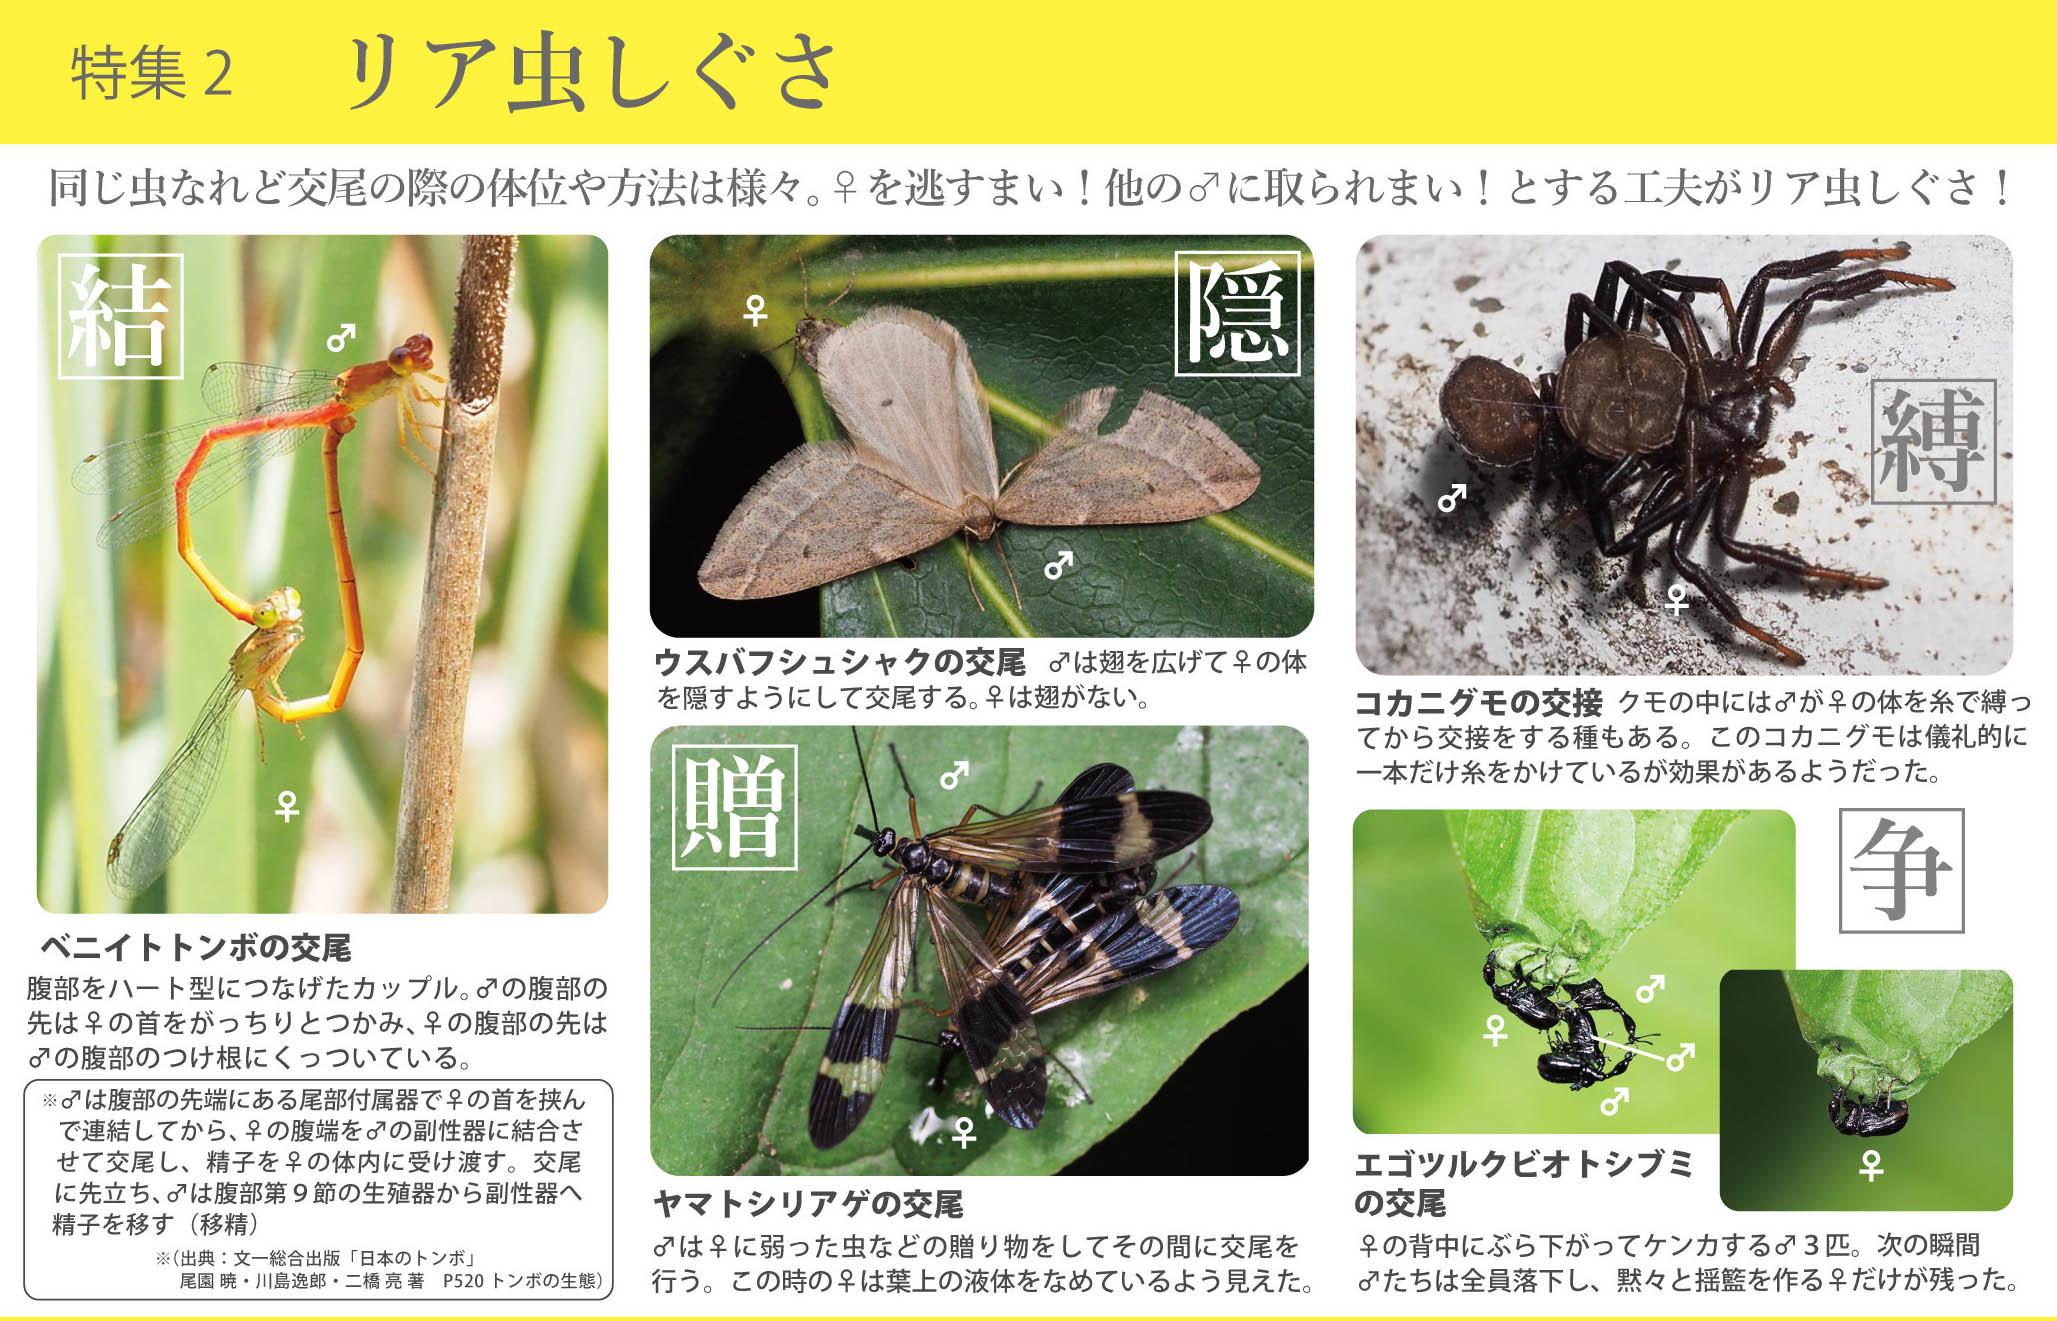 2017_ガクタメ_日本野虫の会_02